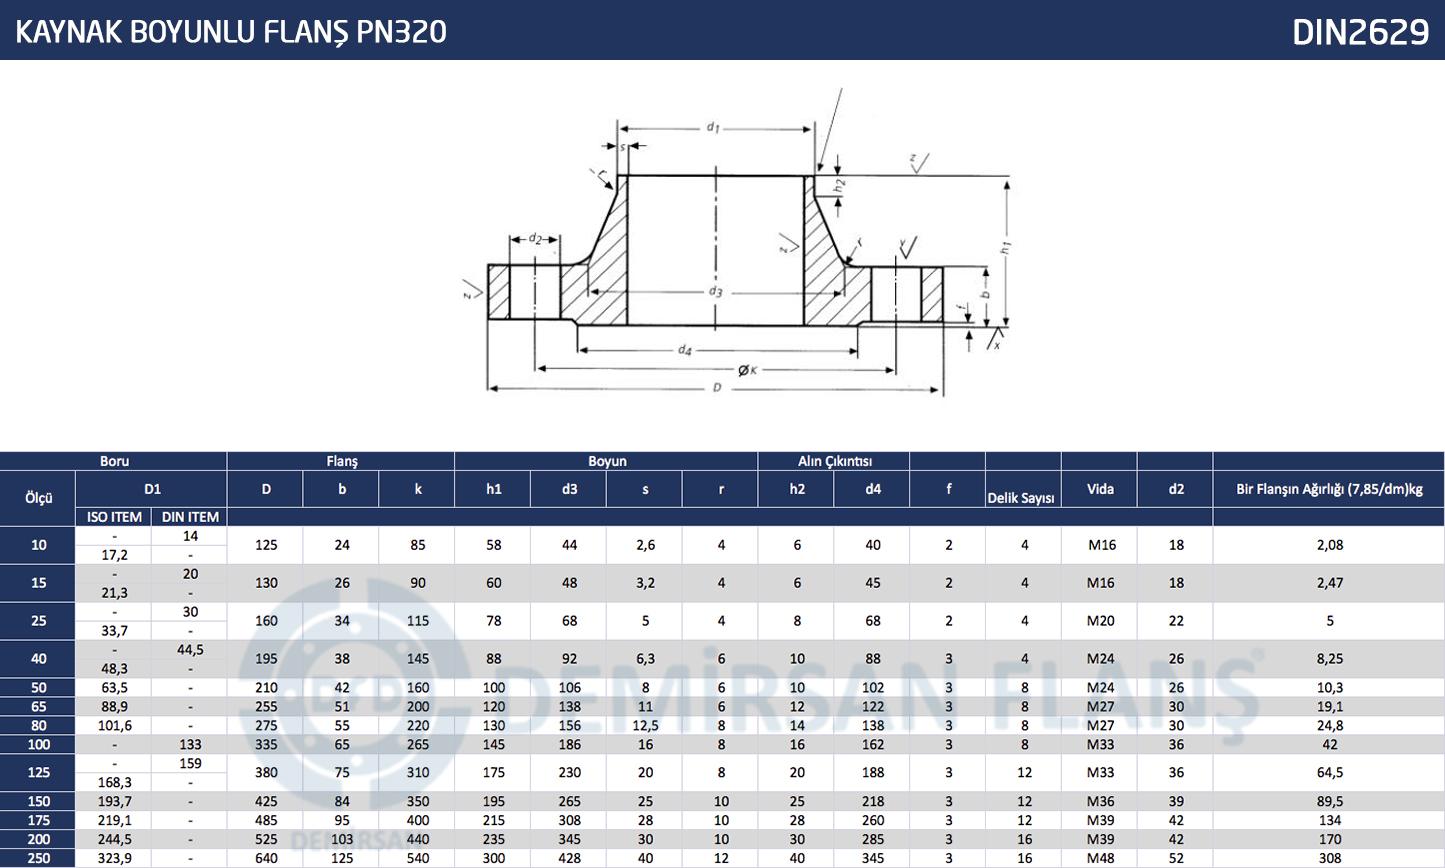 KAYNAK BOYUNLU FLANŞ PN320